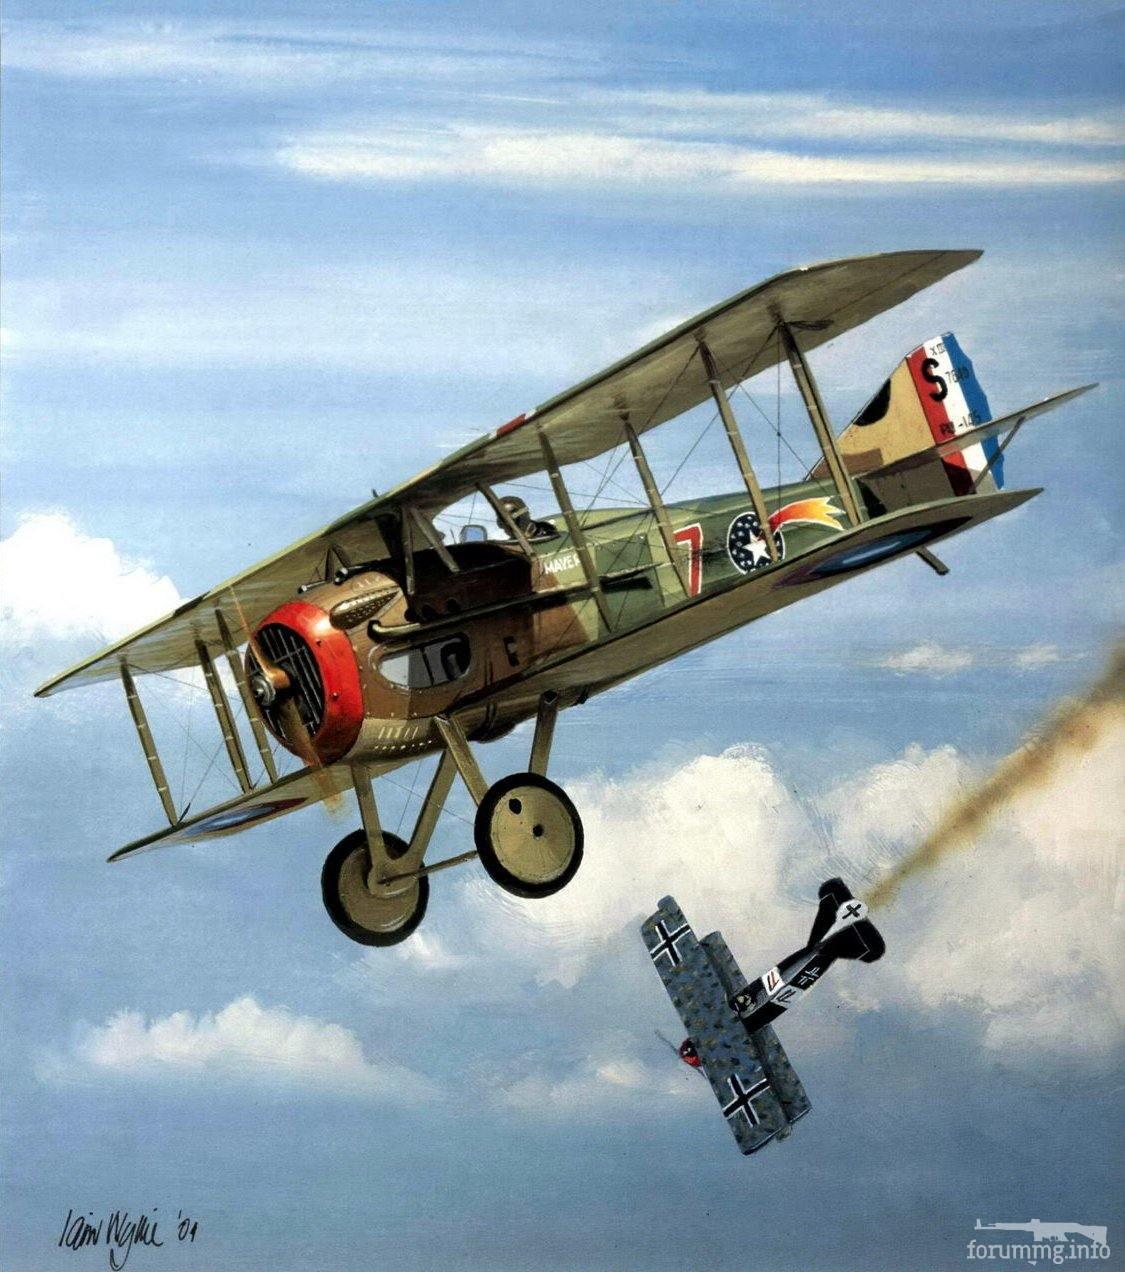 134151 - Художественные картины на авиационную тематику